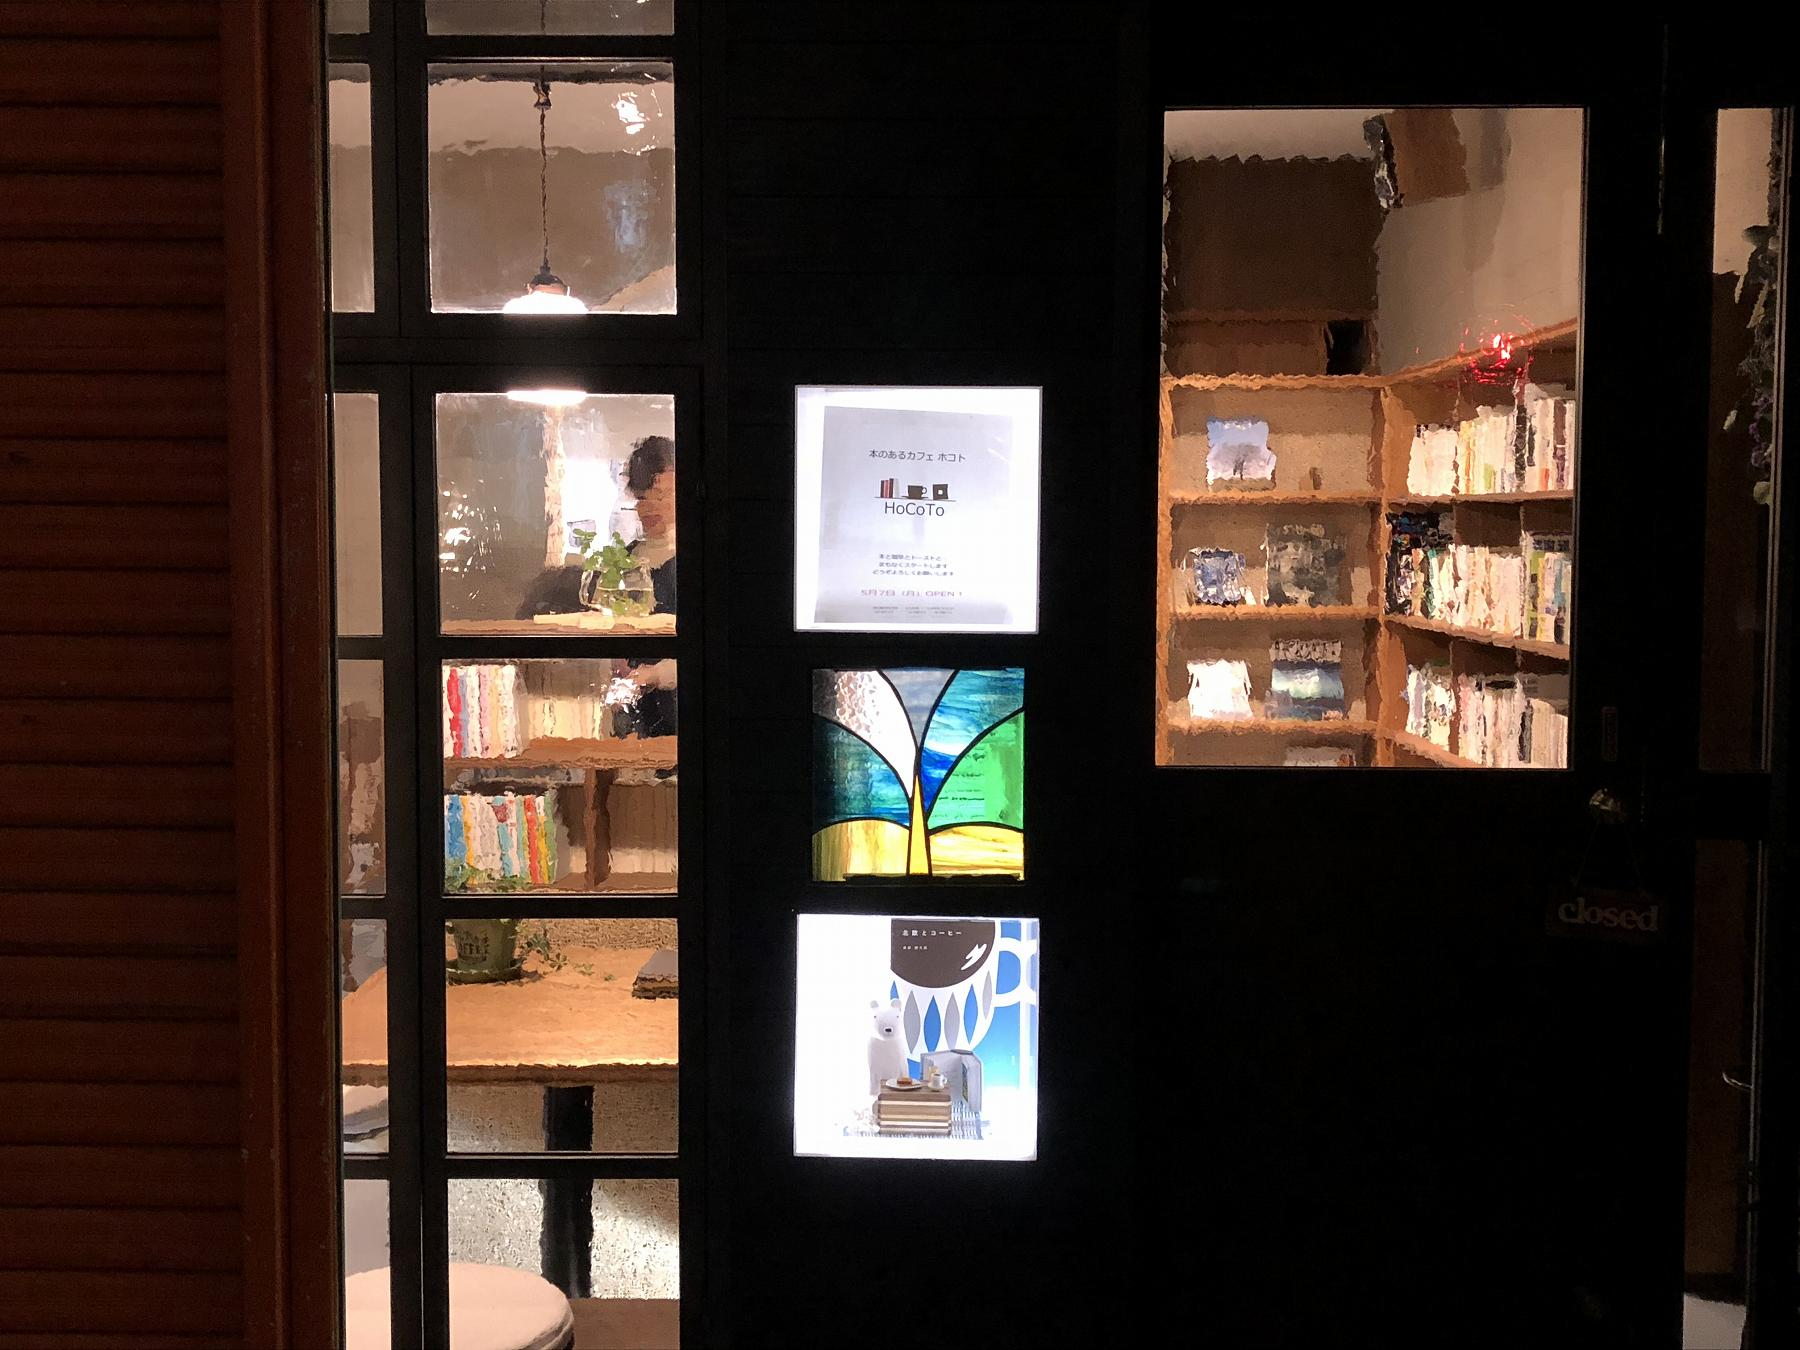 東灘・十二間道路沿いに「本のあるカフェ ホコト」さんが5月7日(月)新規オープンするよ! #新規オープン #岡本カフェ #カフェ散歩